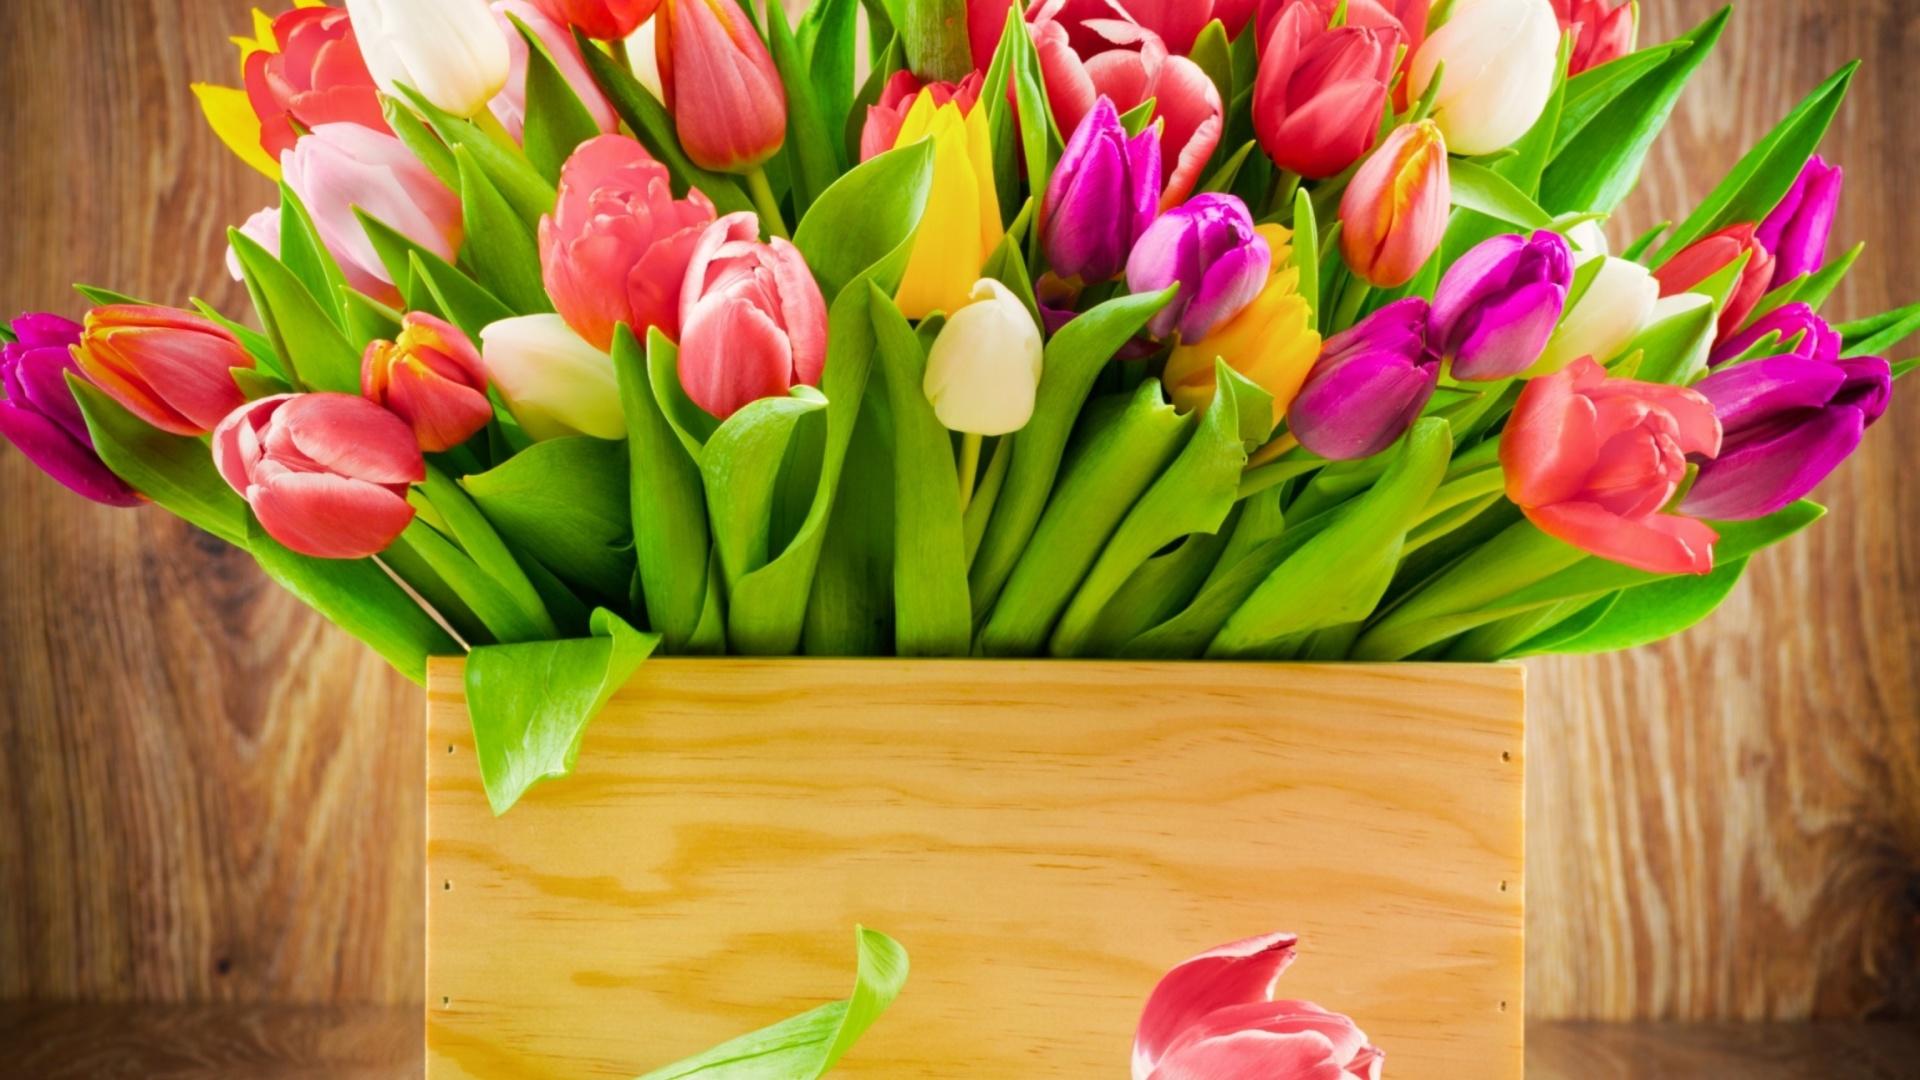 Basket With Flowers desktop image